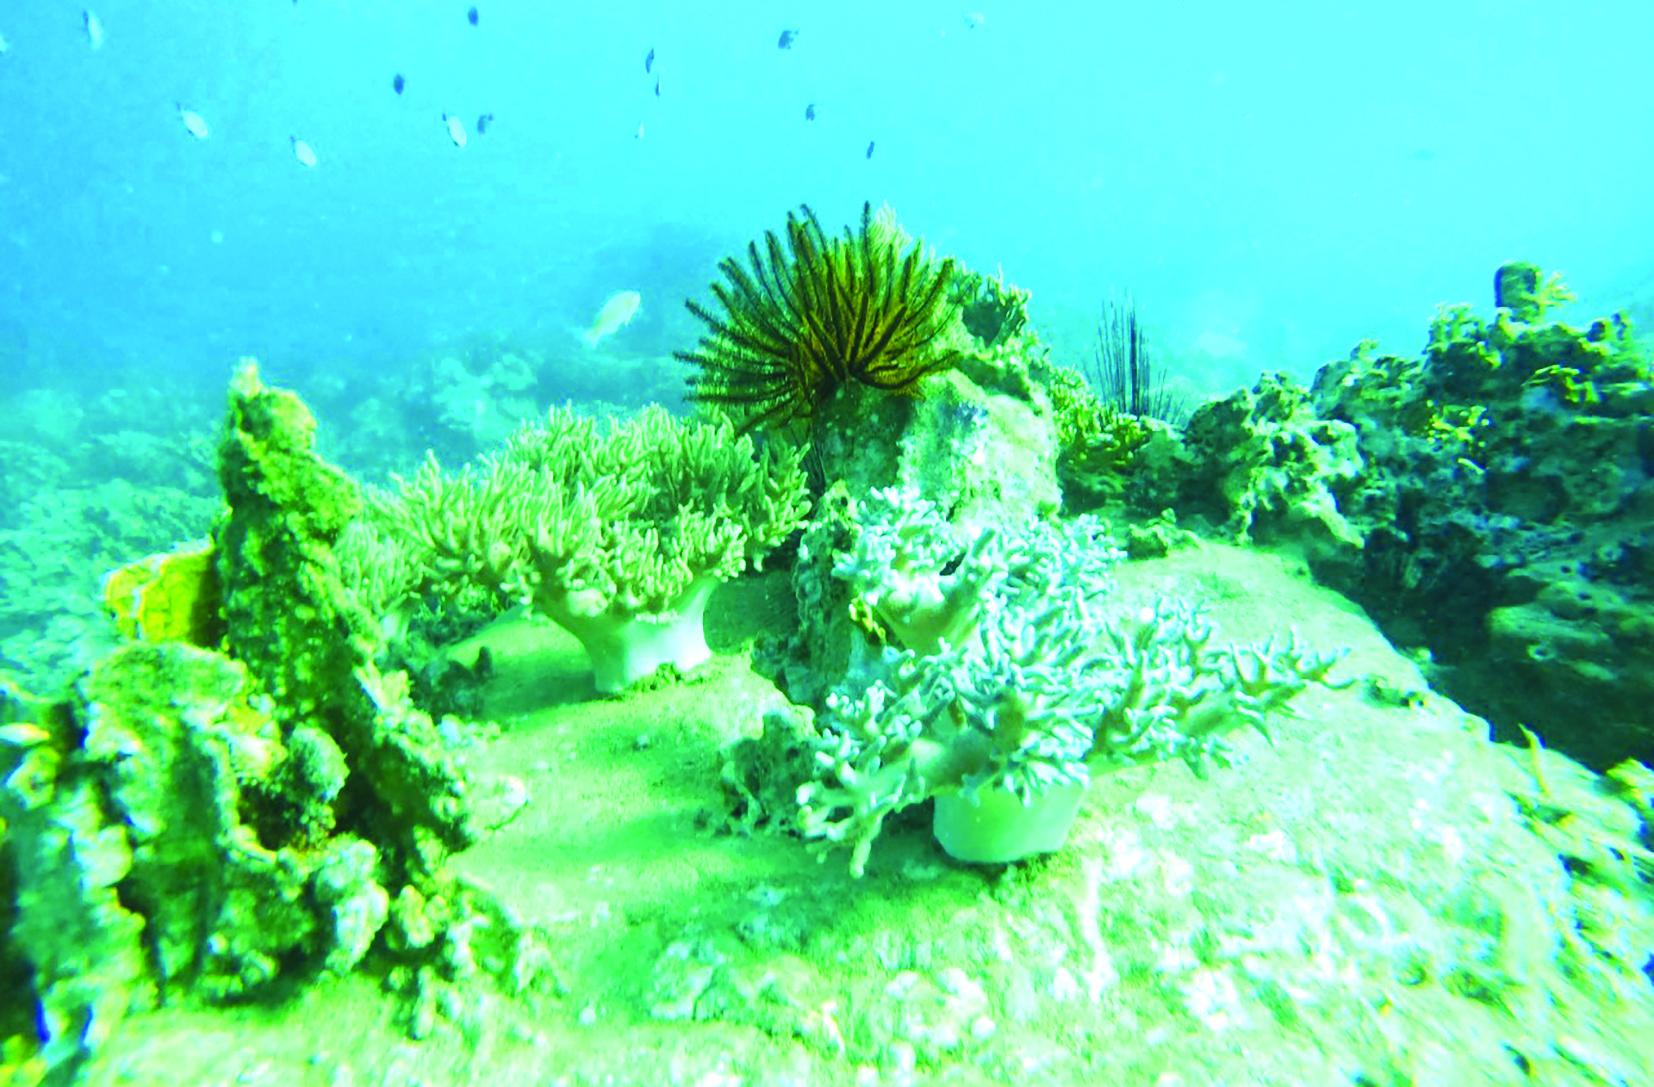 Rạn san hô khu vực Hòn Mun, vịnh Nha Trang. Ảnh: Ban Quản lý vịnh Nha Trang